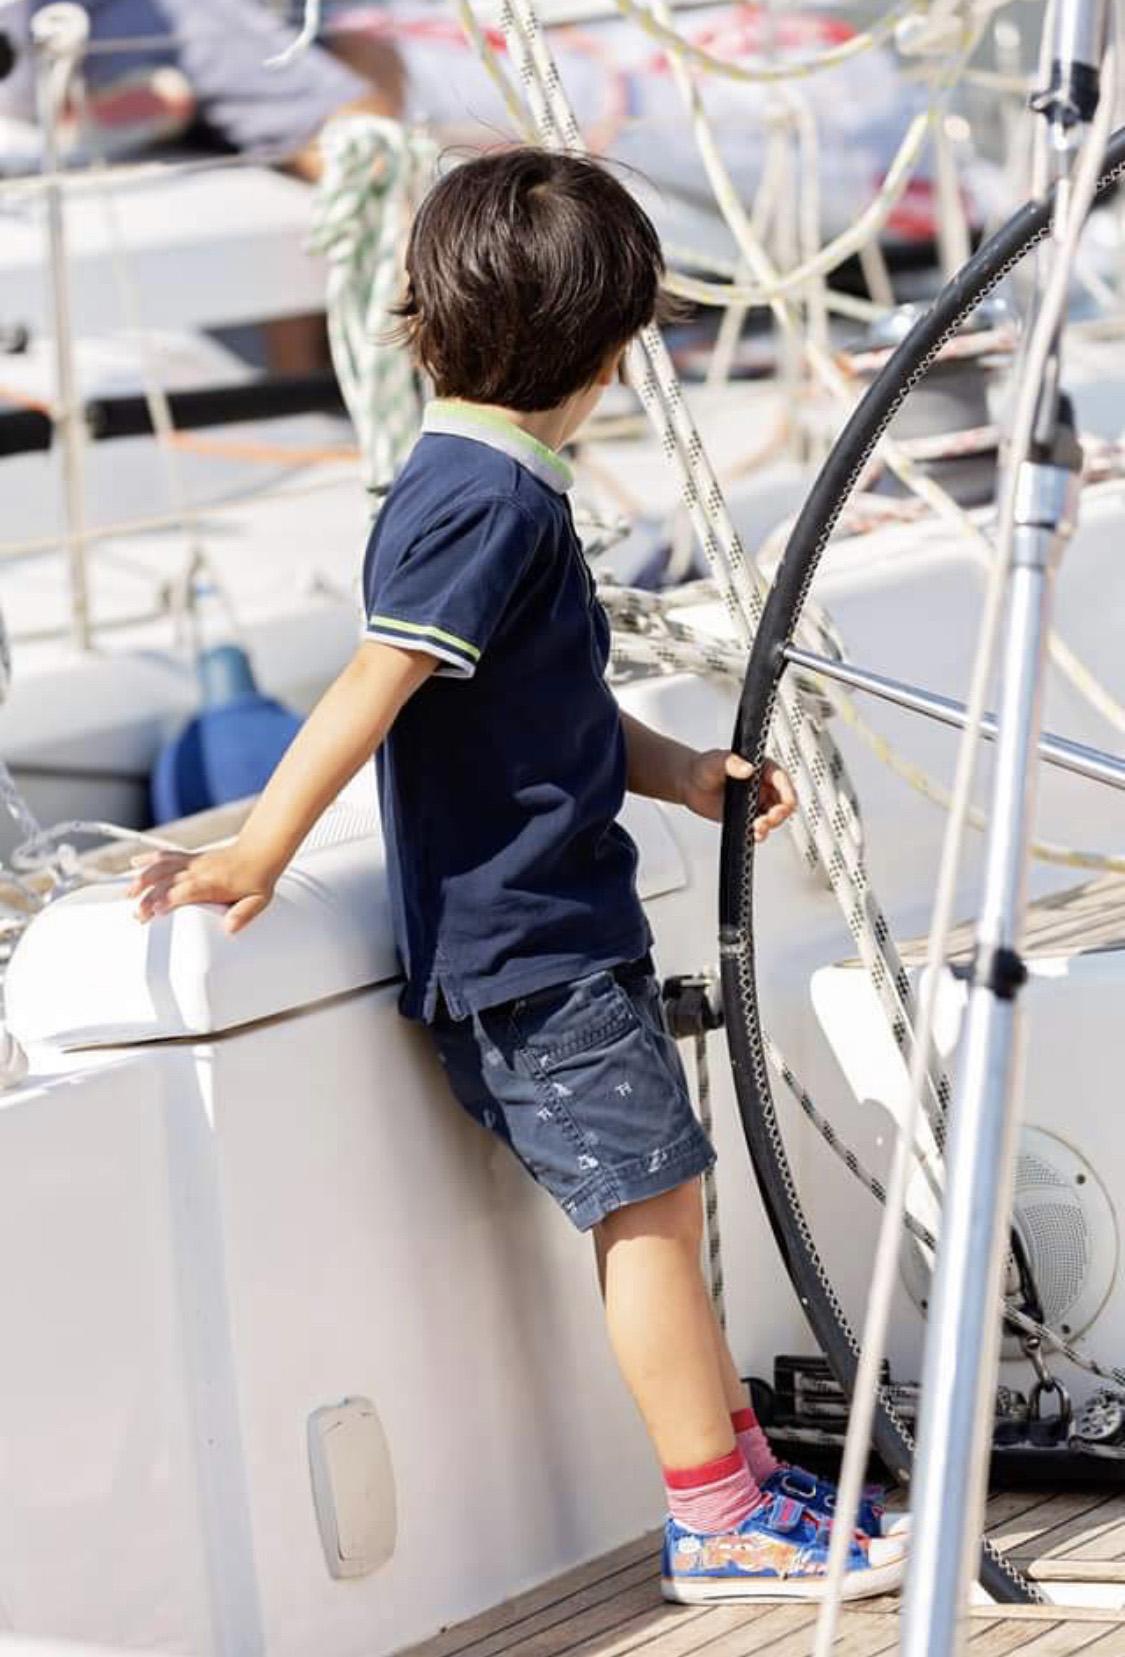 ultramarine_kids1